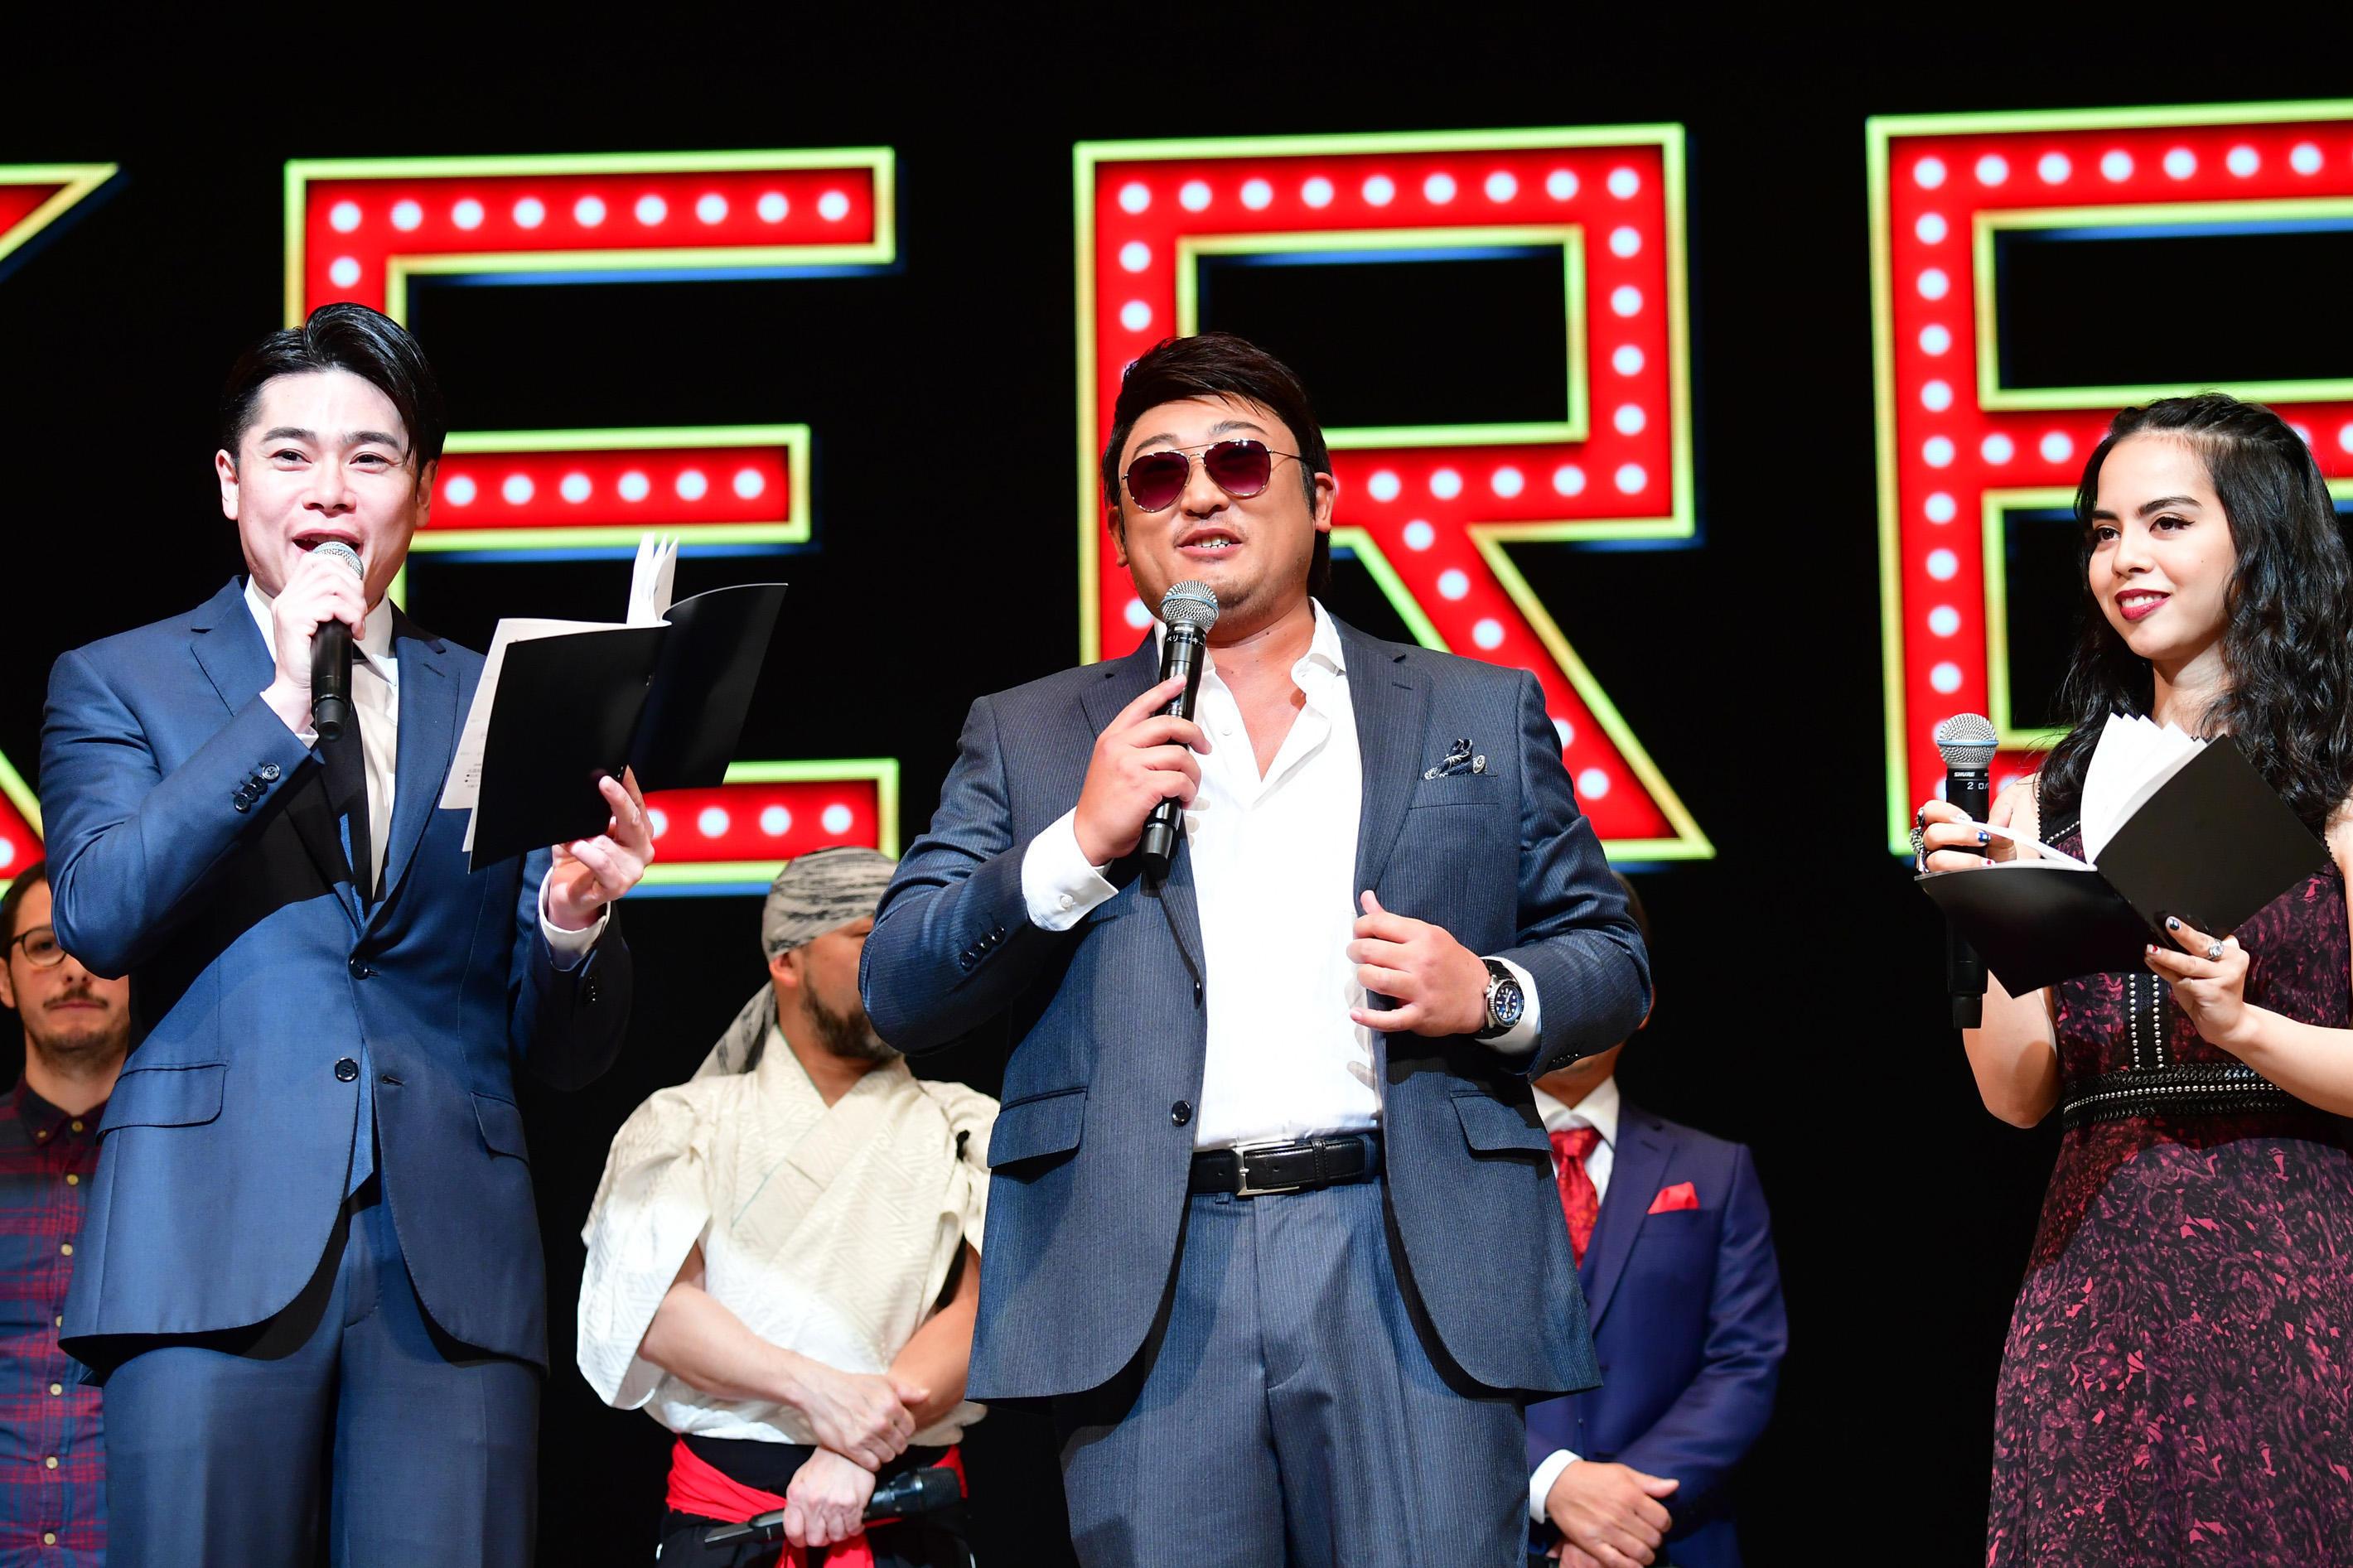 http://news.yoshimoto.co.jp/20190201193444-aa1f15c0b1e0f2736f82dadbb4c49e12df5c3afa.jpg